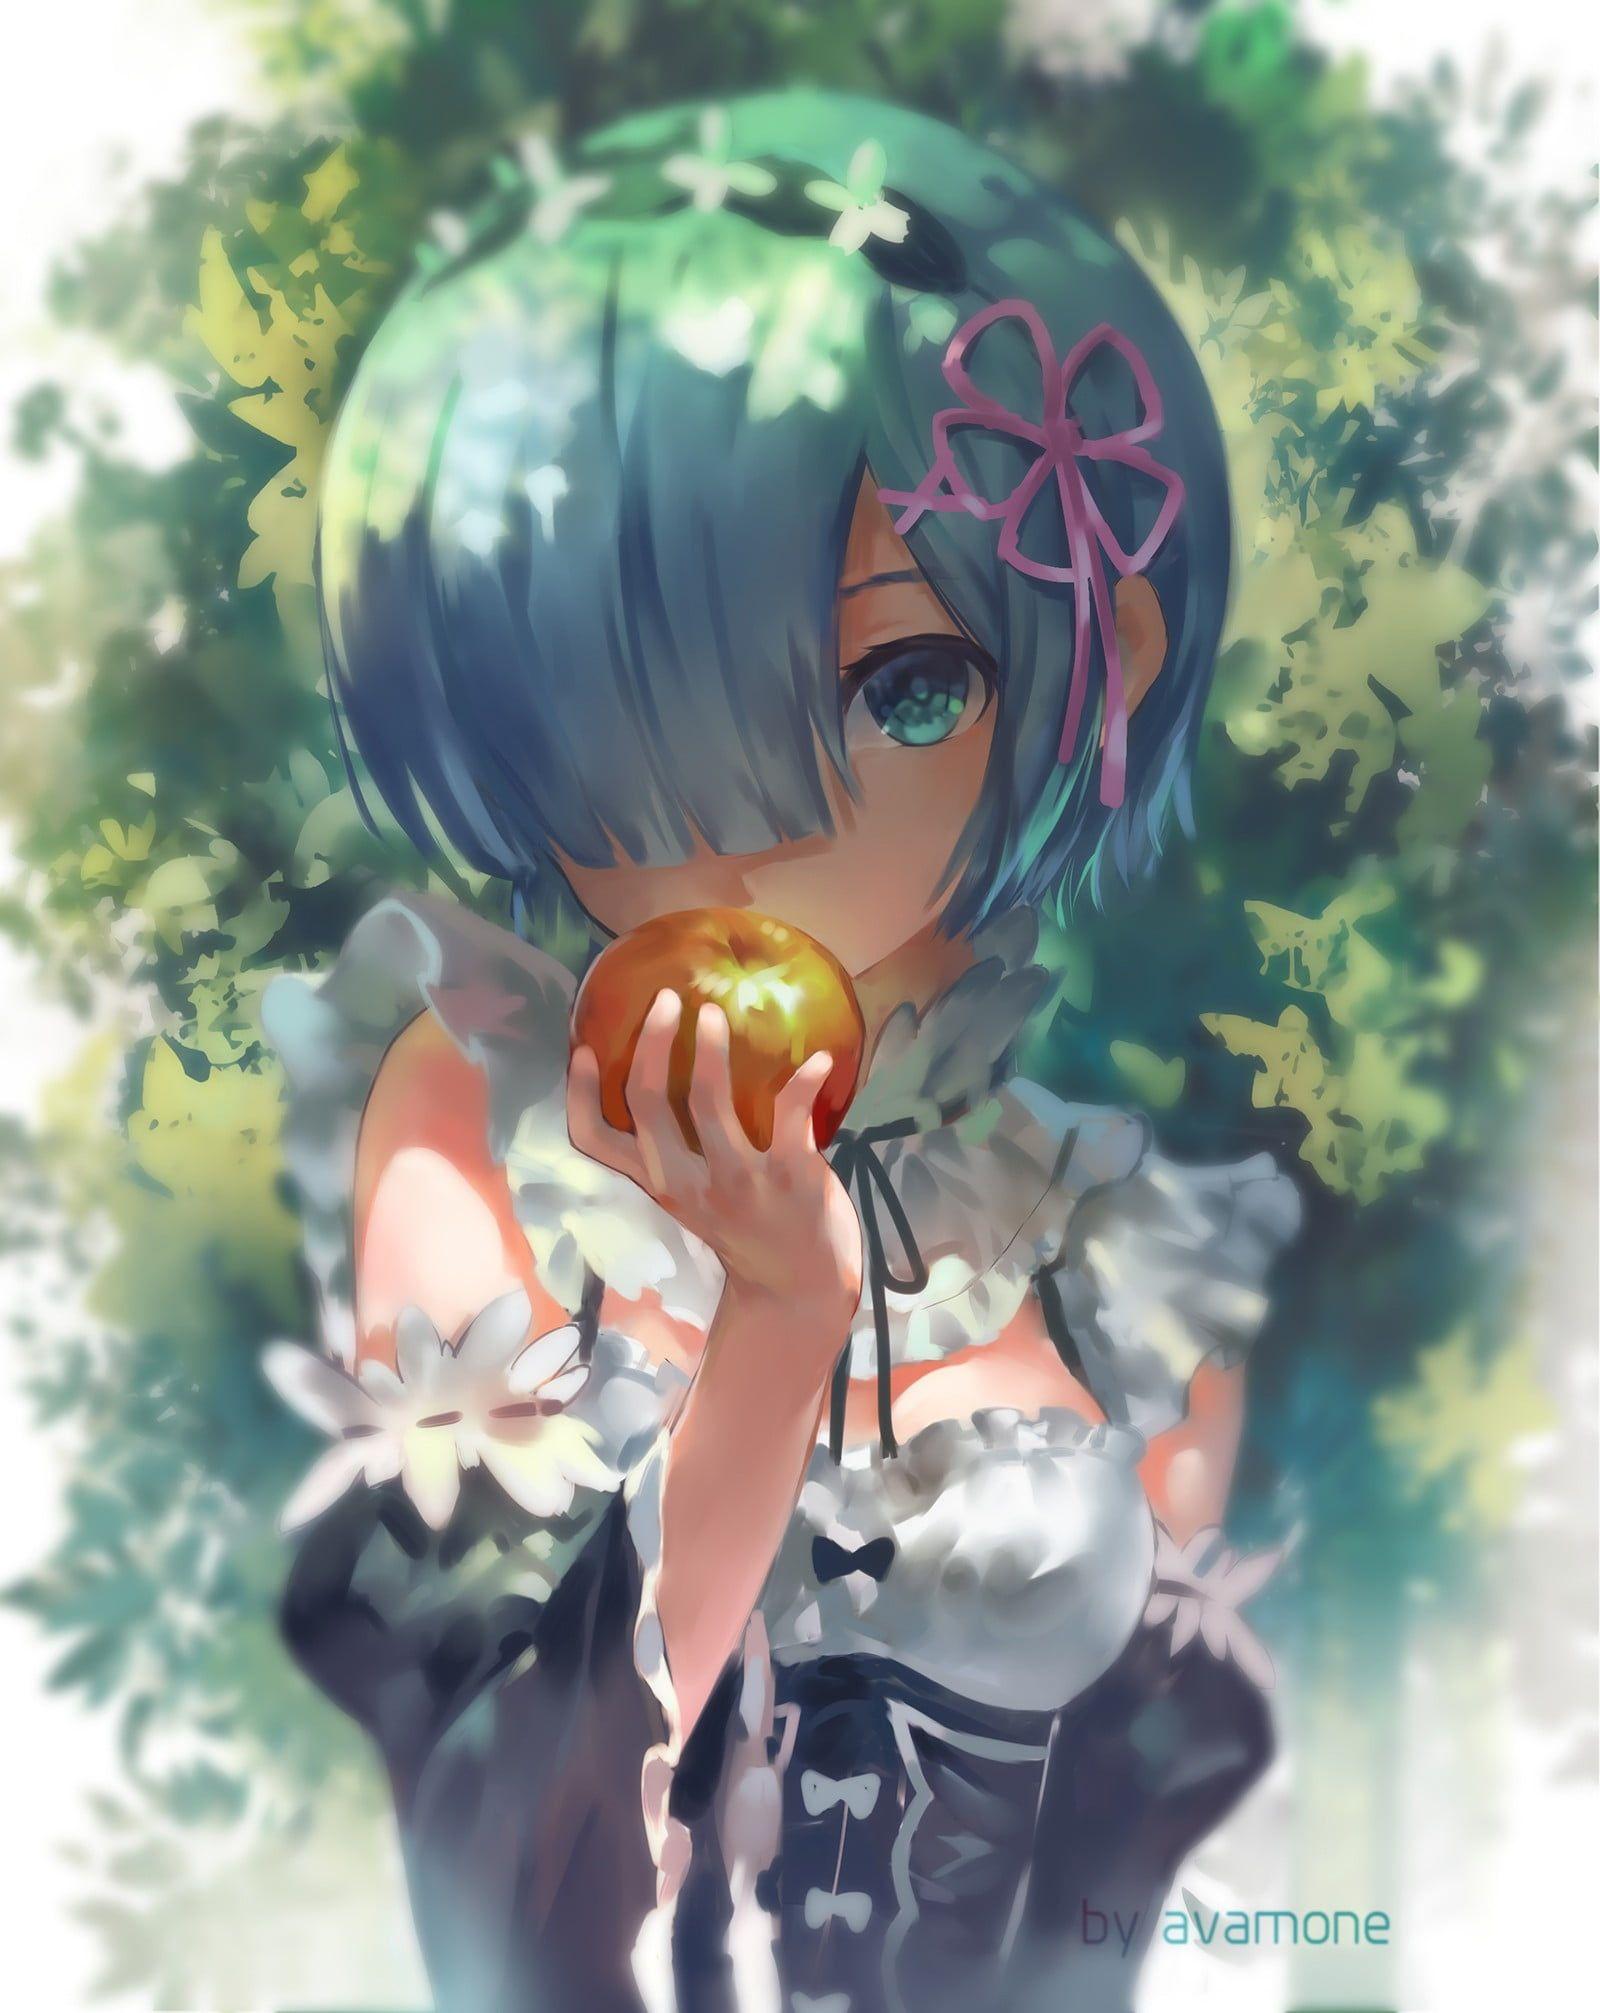 HD wallpaper: anime, anime girls, Re:Zero Kara Hajimeru Isekai Seikatsu, Rem (Re: Zero)